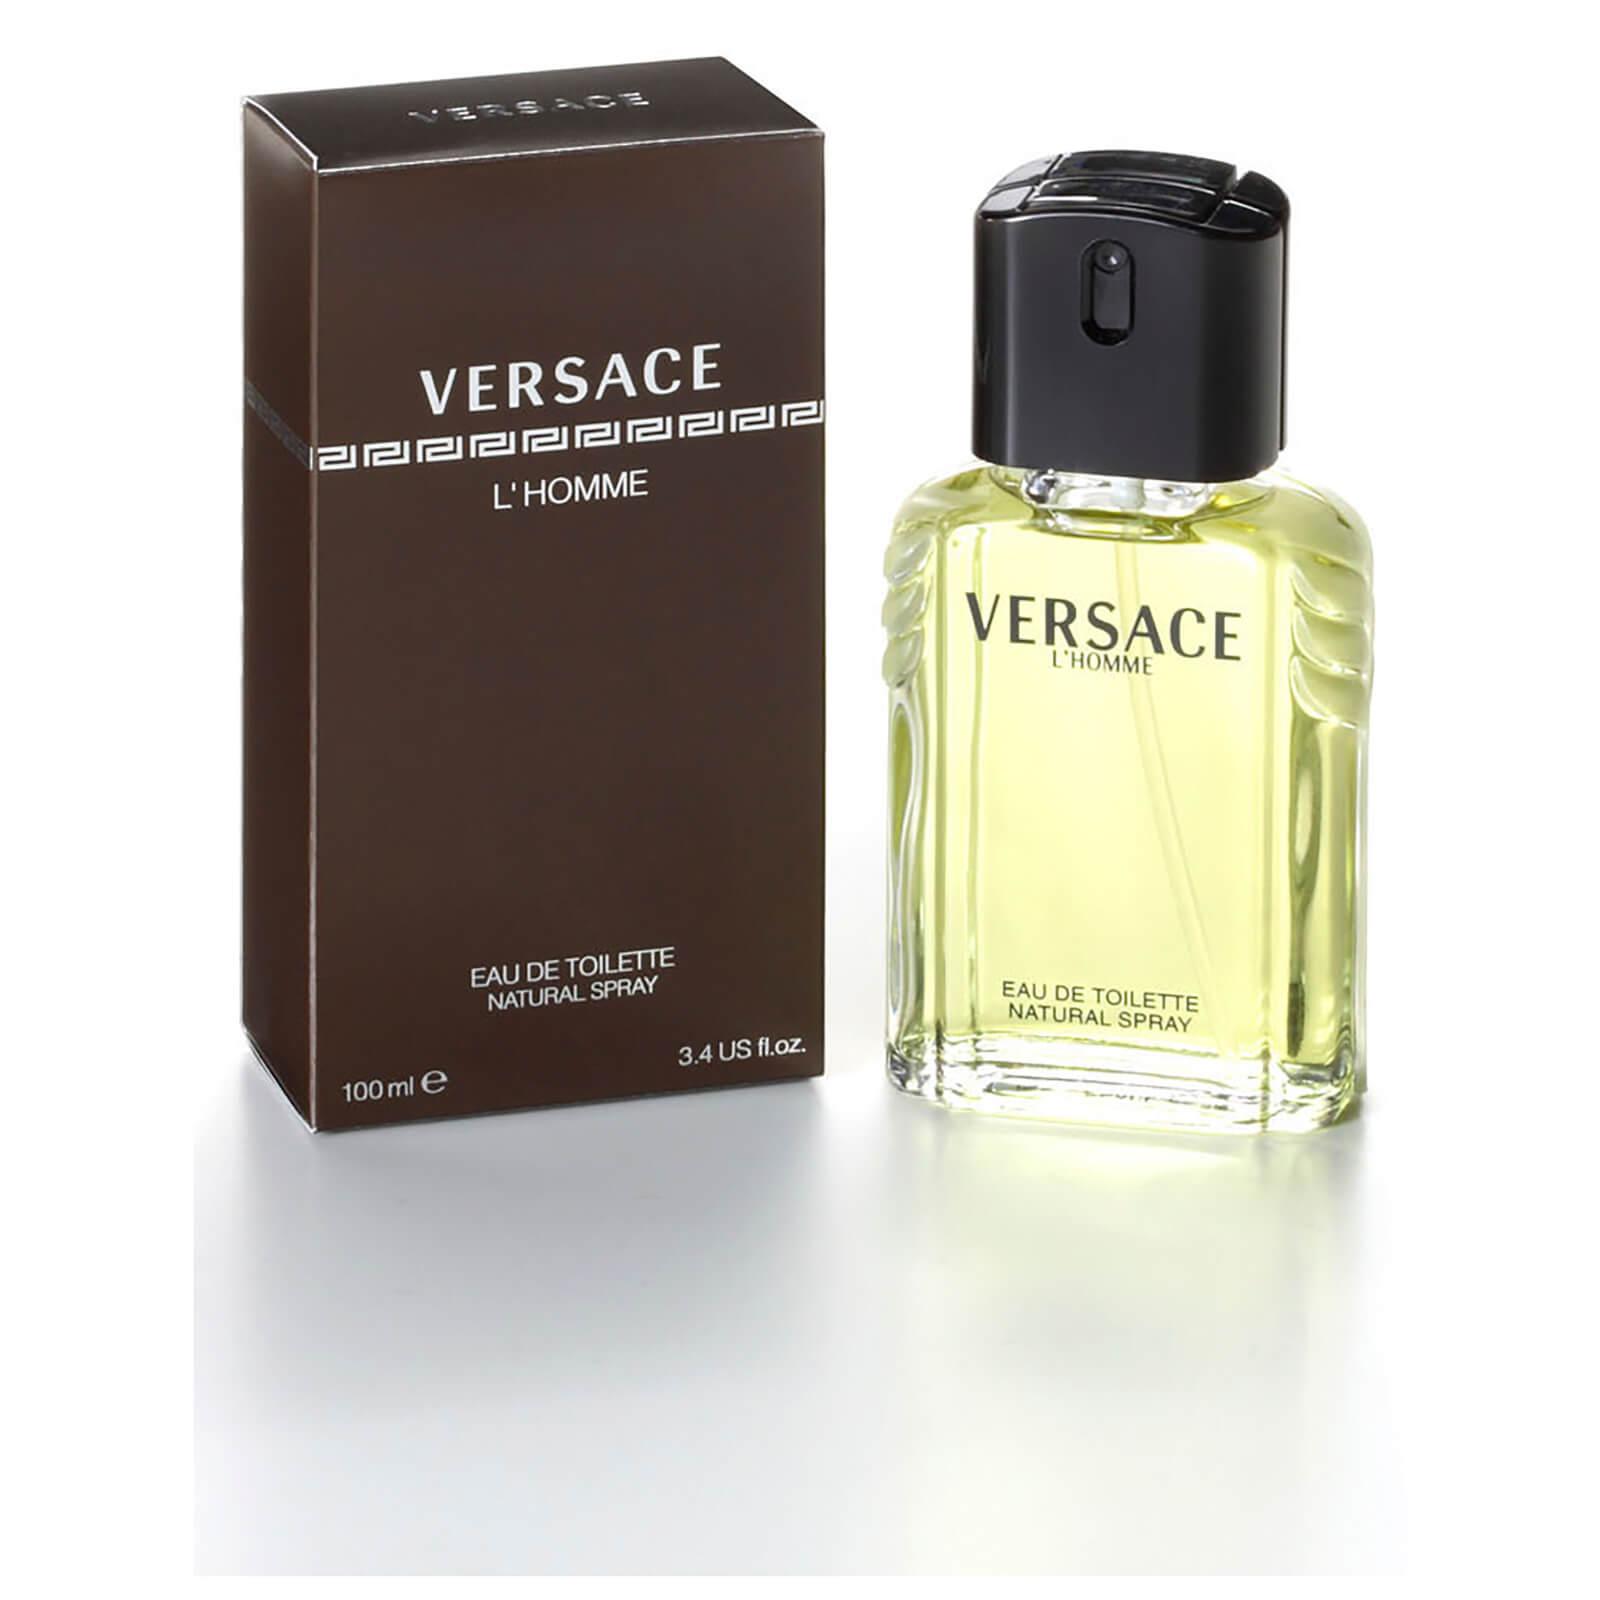 7b2b3c52b87 Versace L Homme Eau de Toilette 100ml